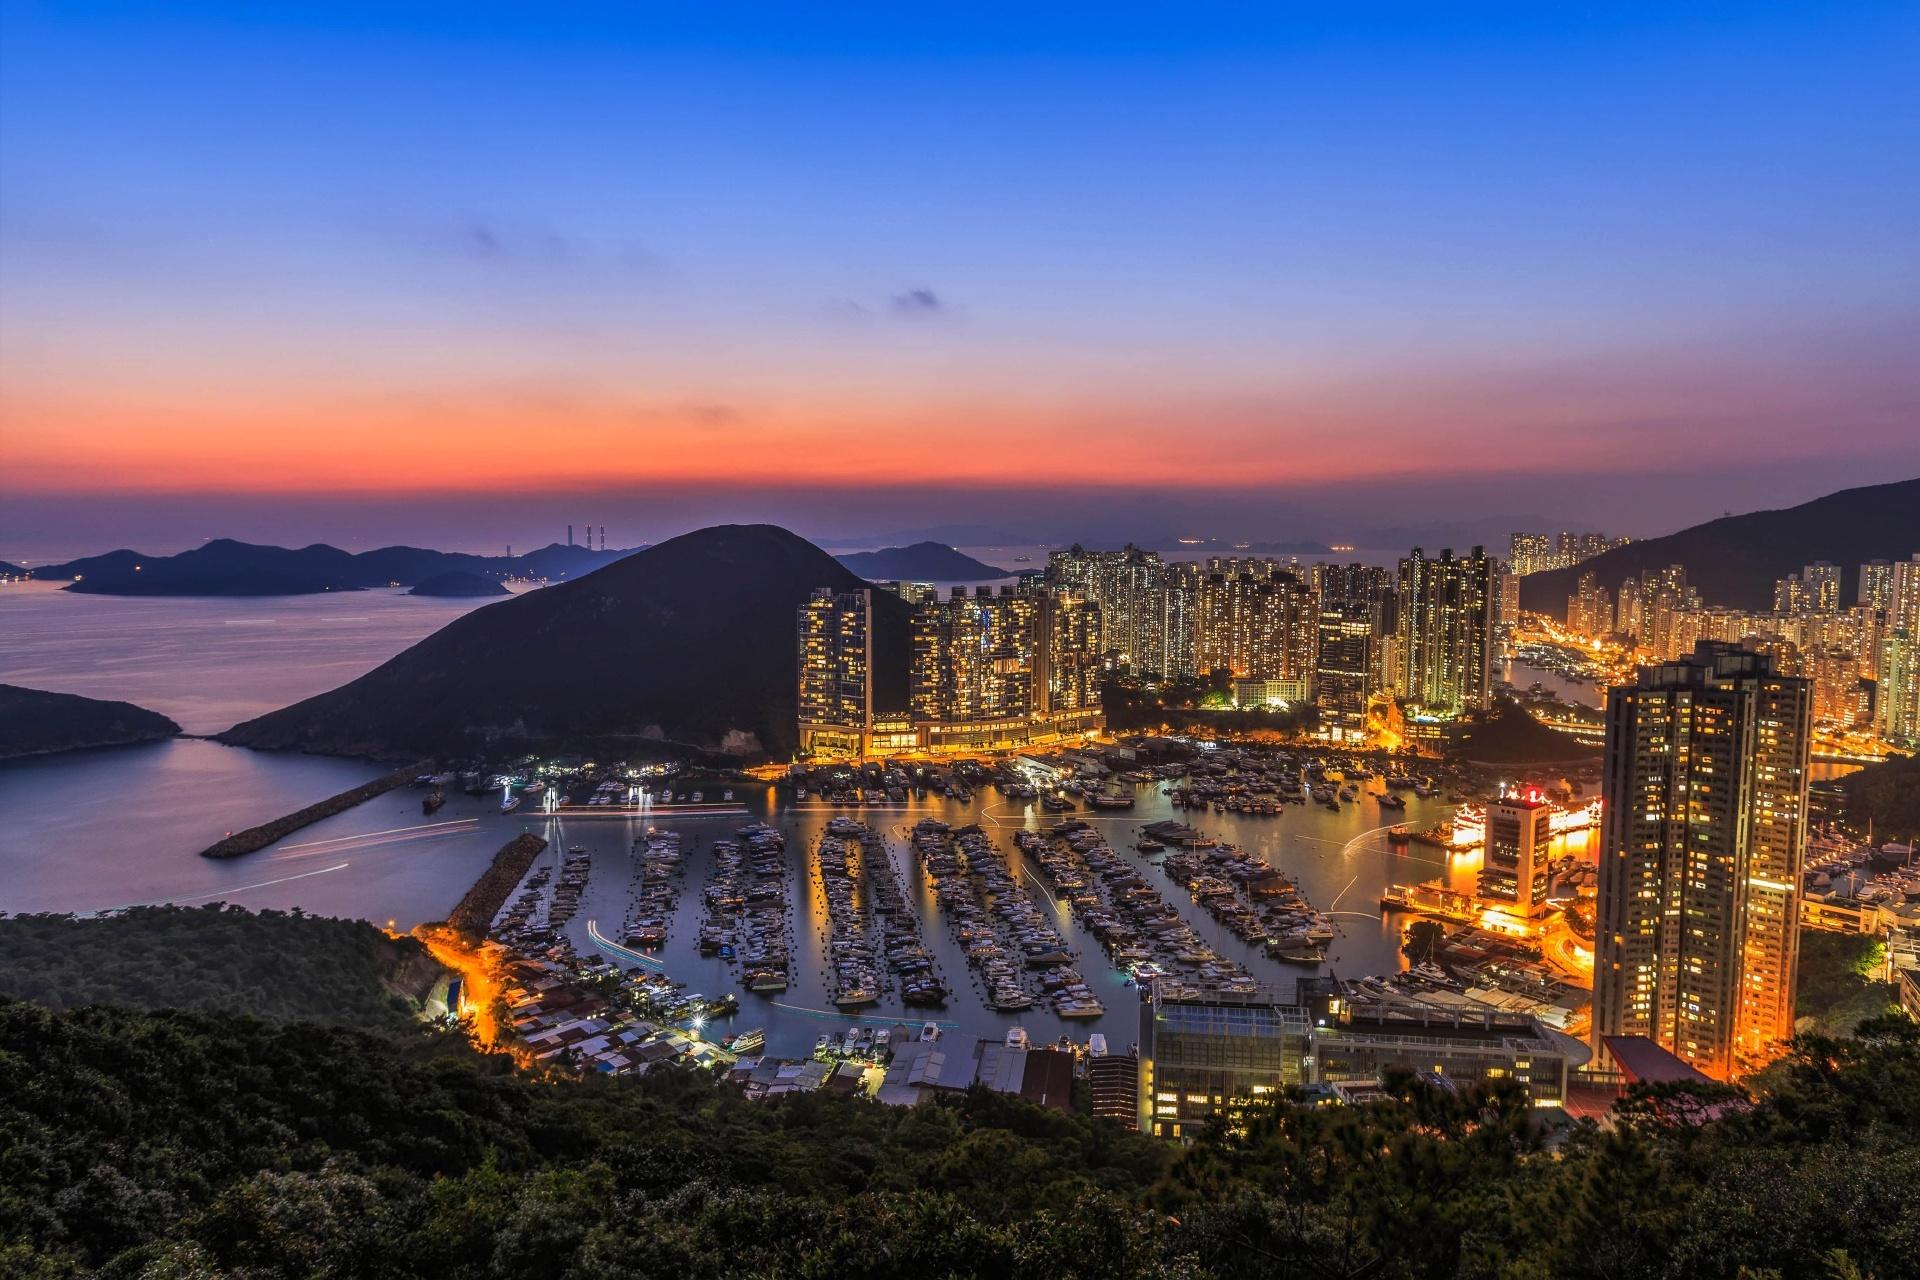 夕暮れの香港仔(アバディーン) 香港の風景